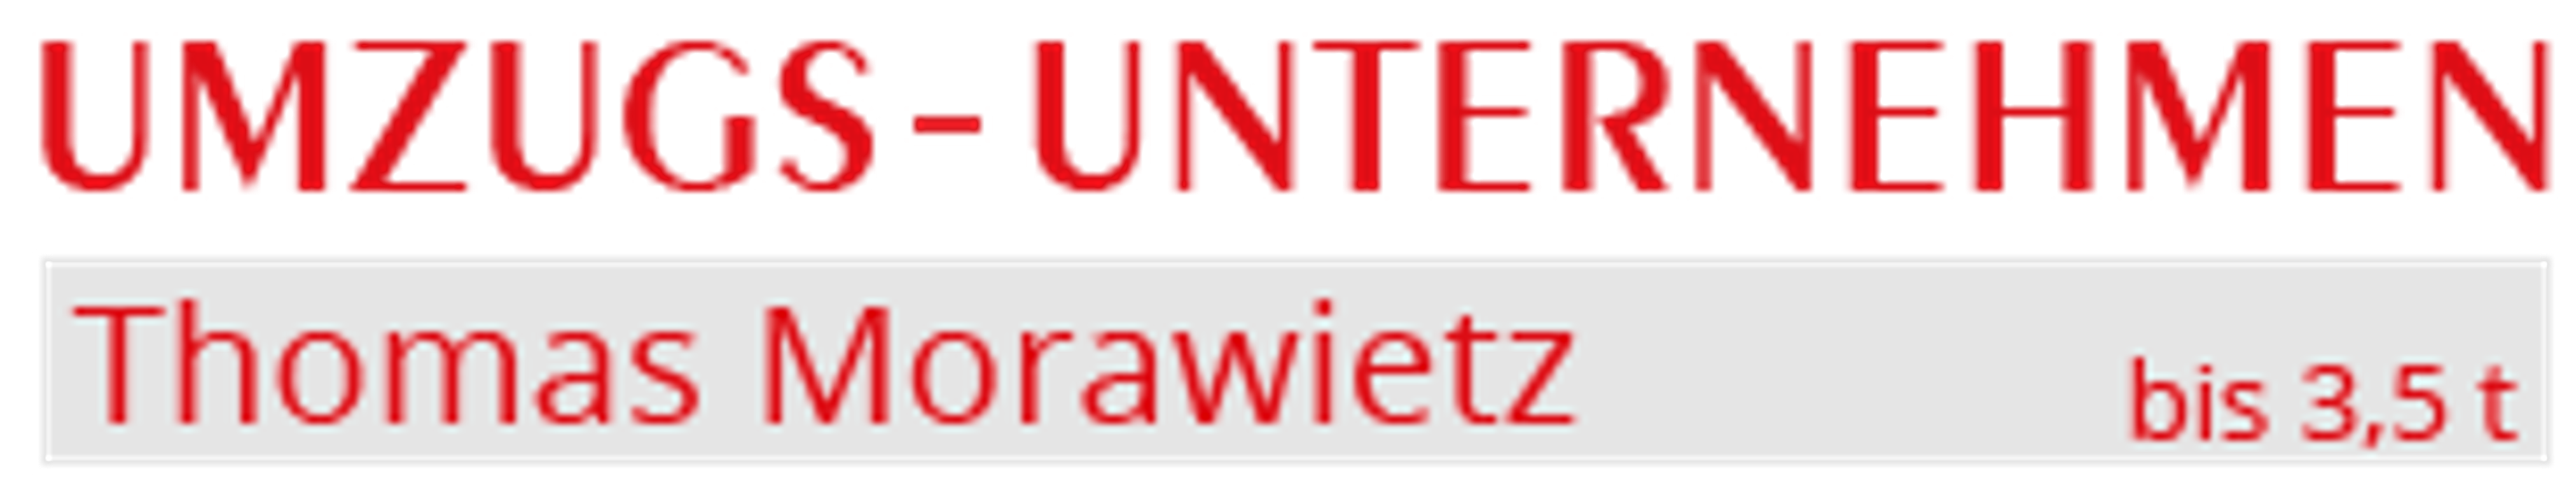 Umzugs-Unternehmen Thomas Morawietz - bis 3,5 t